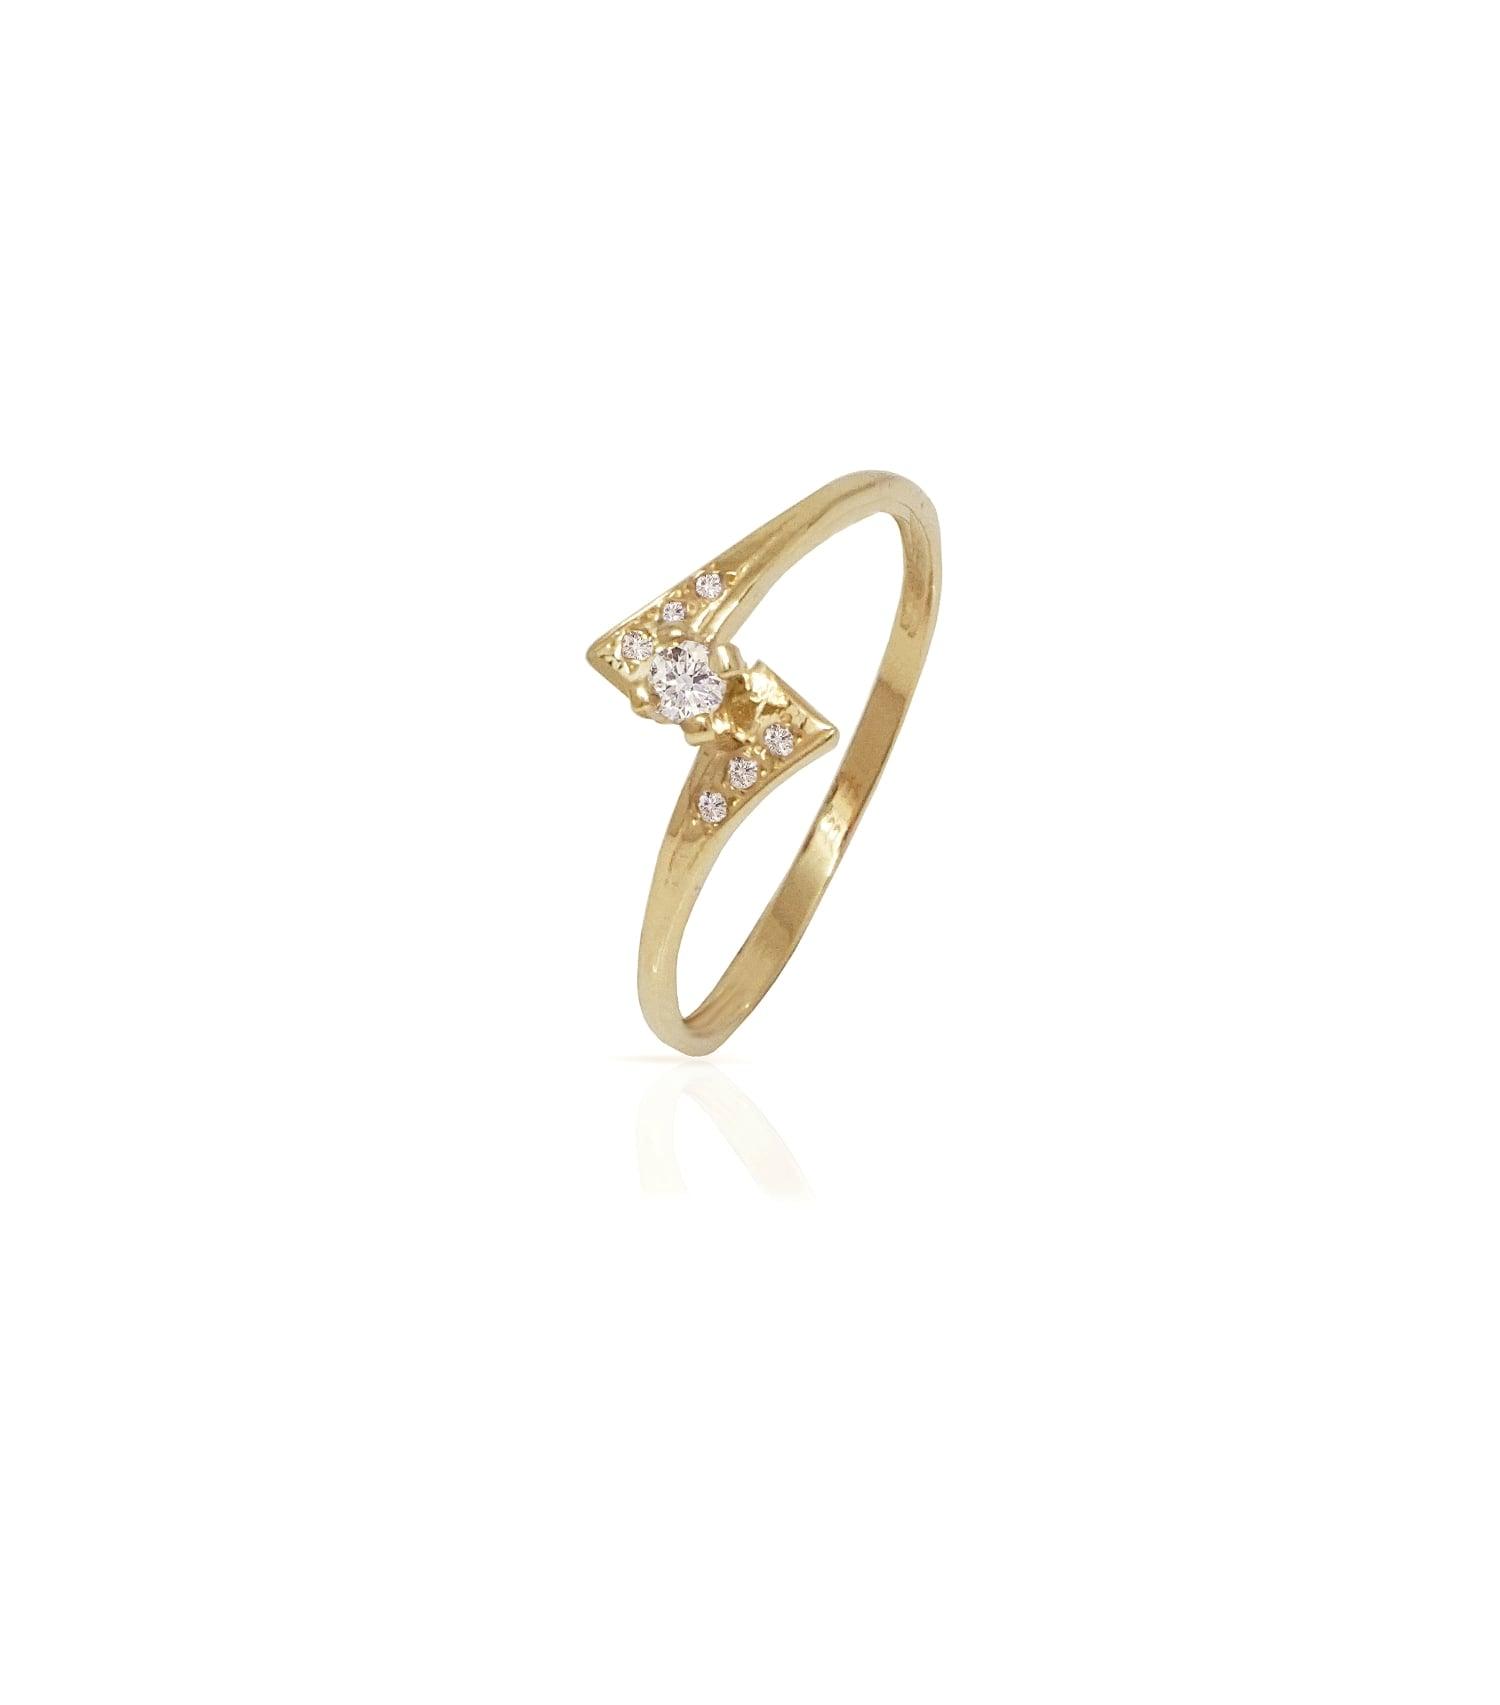 טבעת זהב ויהלומים בסגנון כנפיים זהב 14 קרט